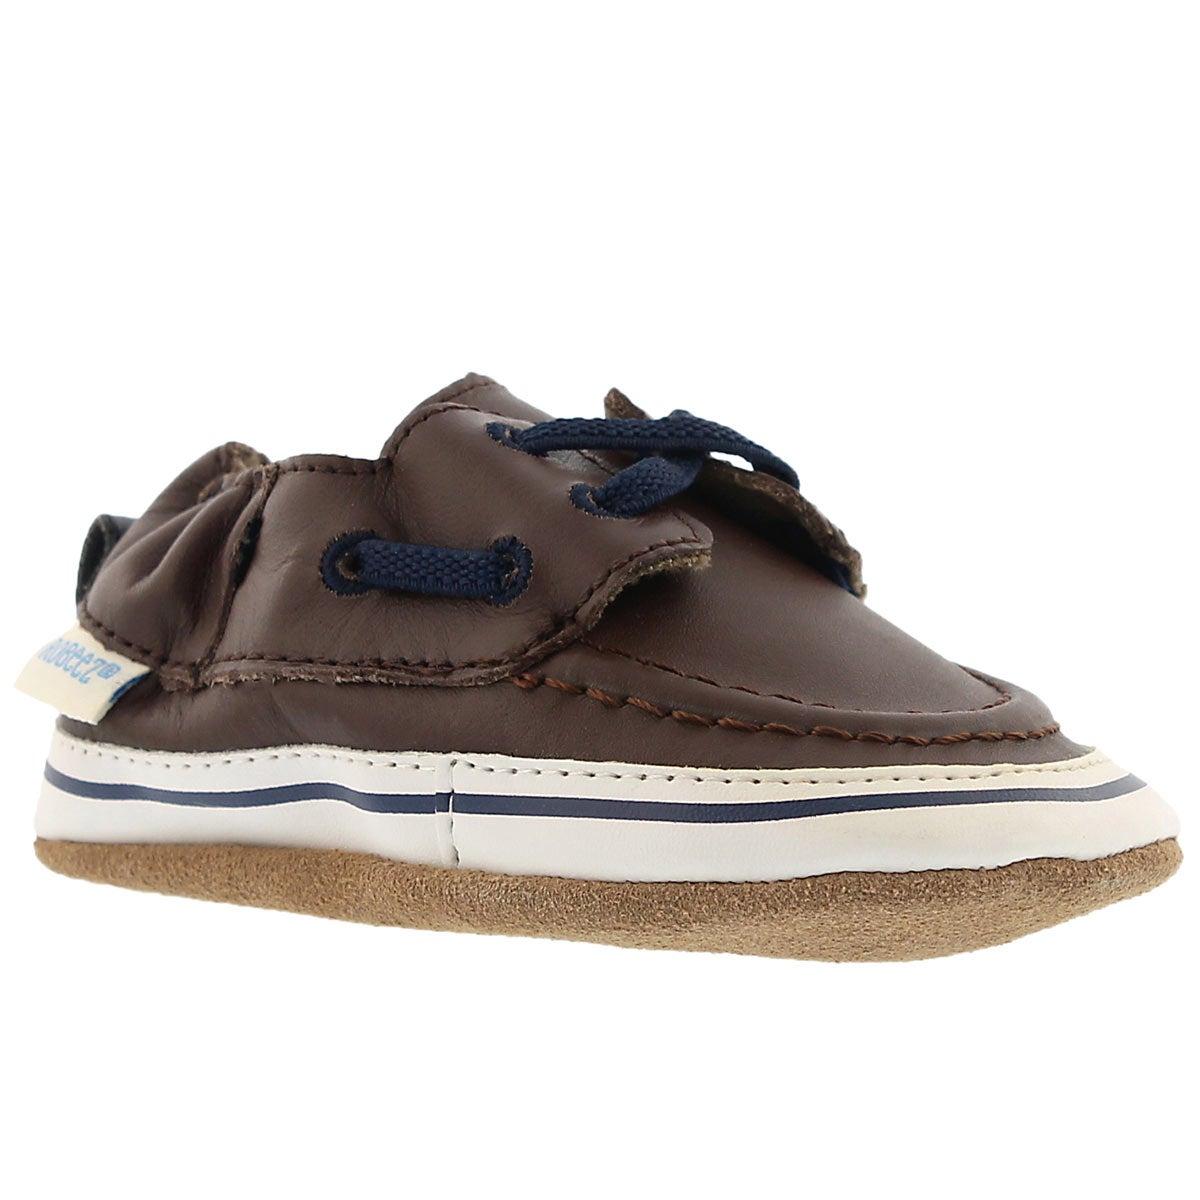 Infs Connor espresso soft sole slipper